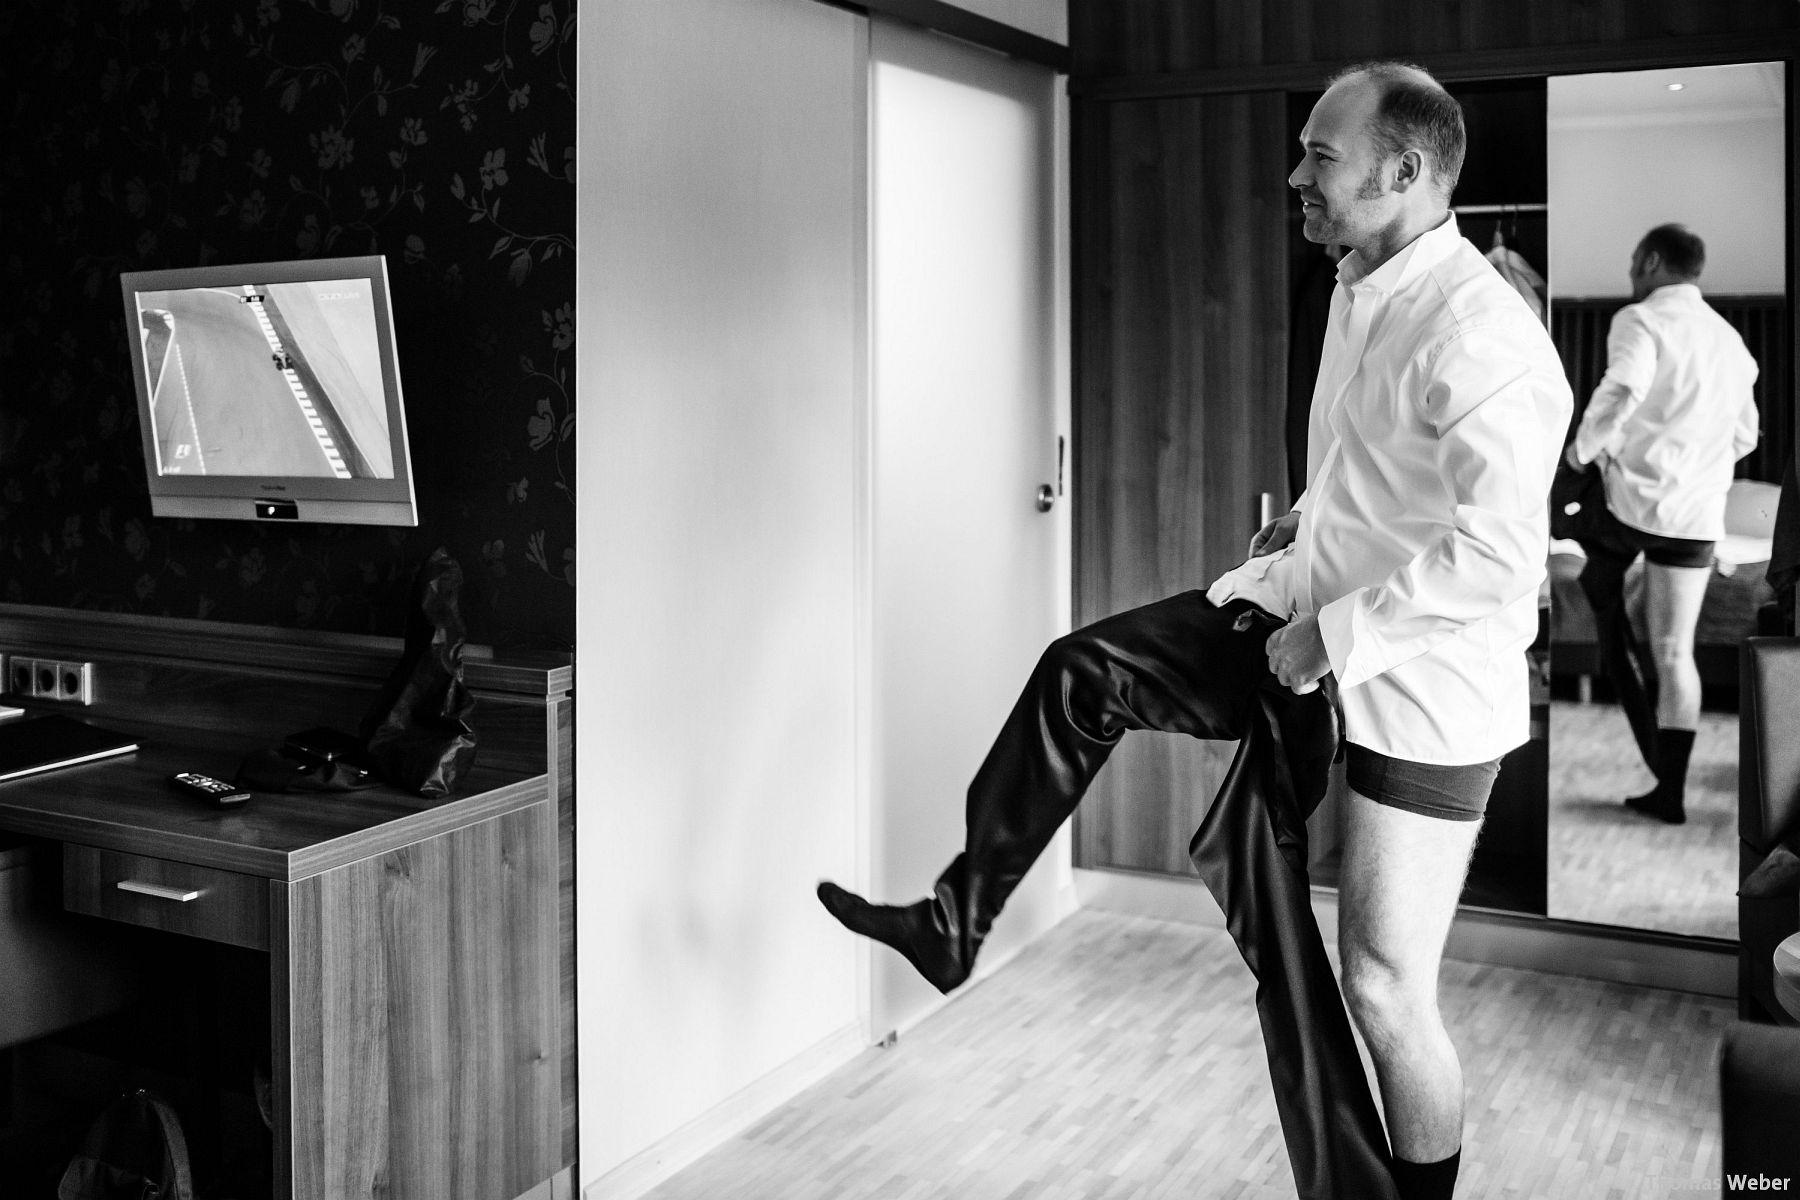 Hochzeitsfotograf Thomas Weber aus Oldenburg (1)